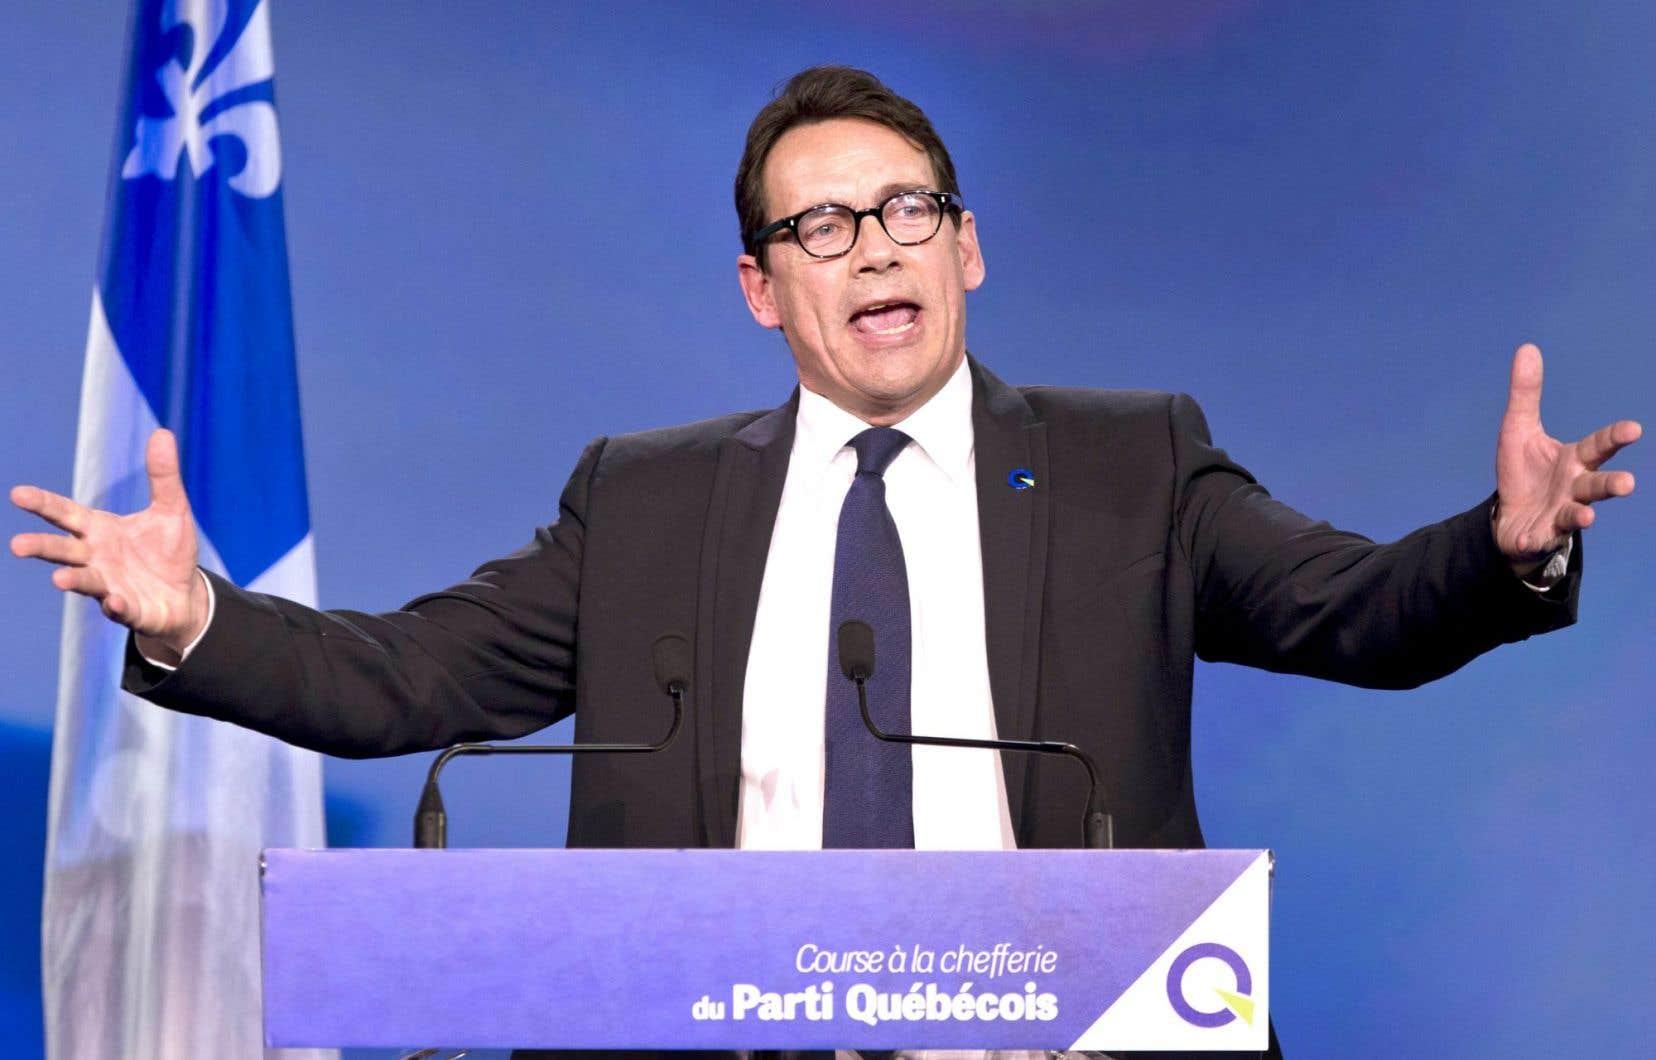 L'étoile du nouveau chef du PQ, Pierre Karl Péladeau, semble déjà avoir commencé à pâlir.